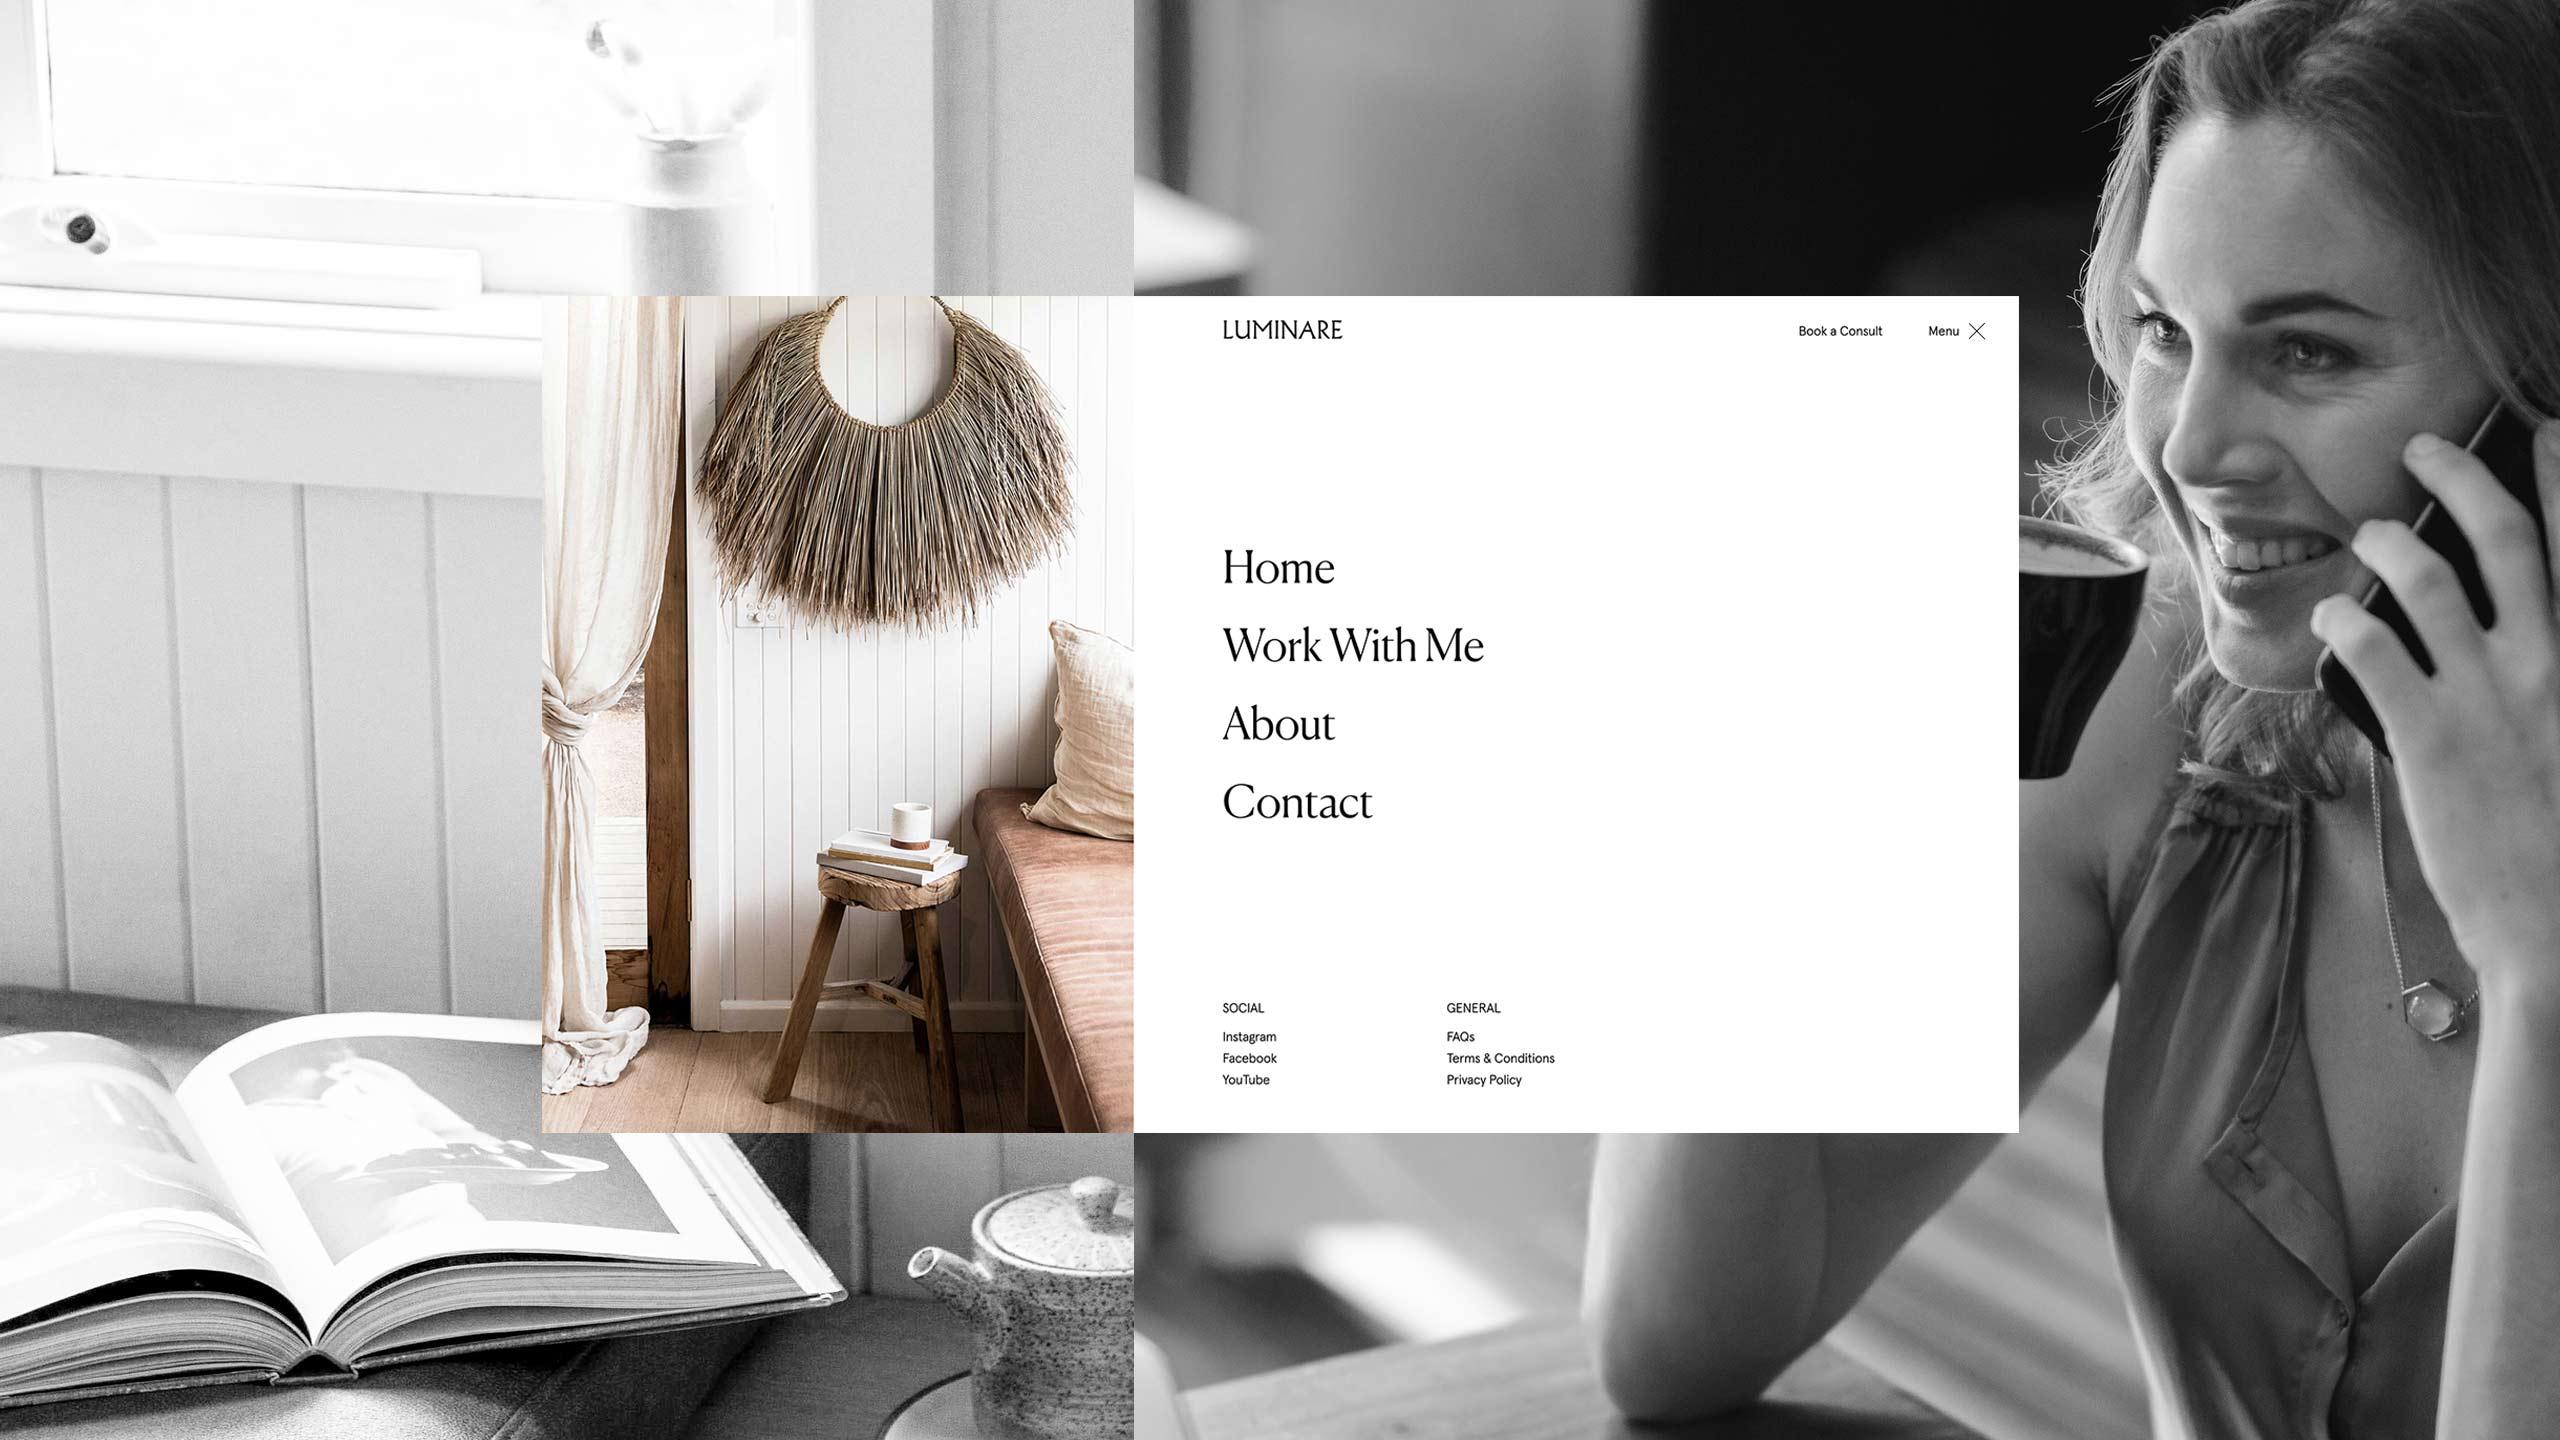 Luminare web design project